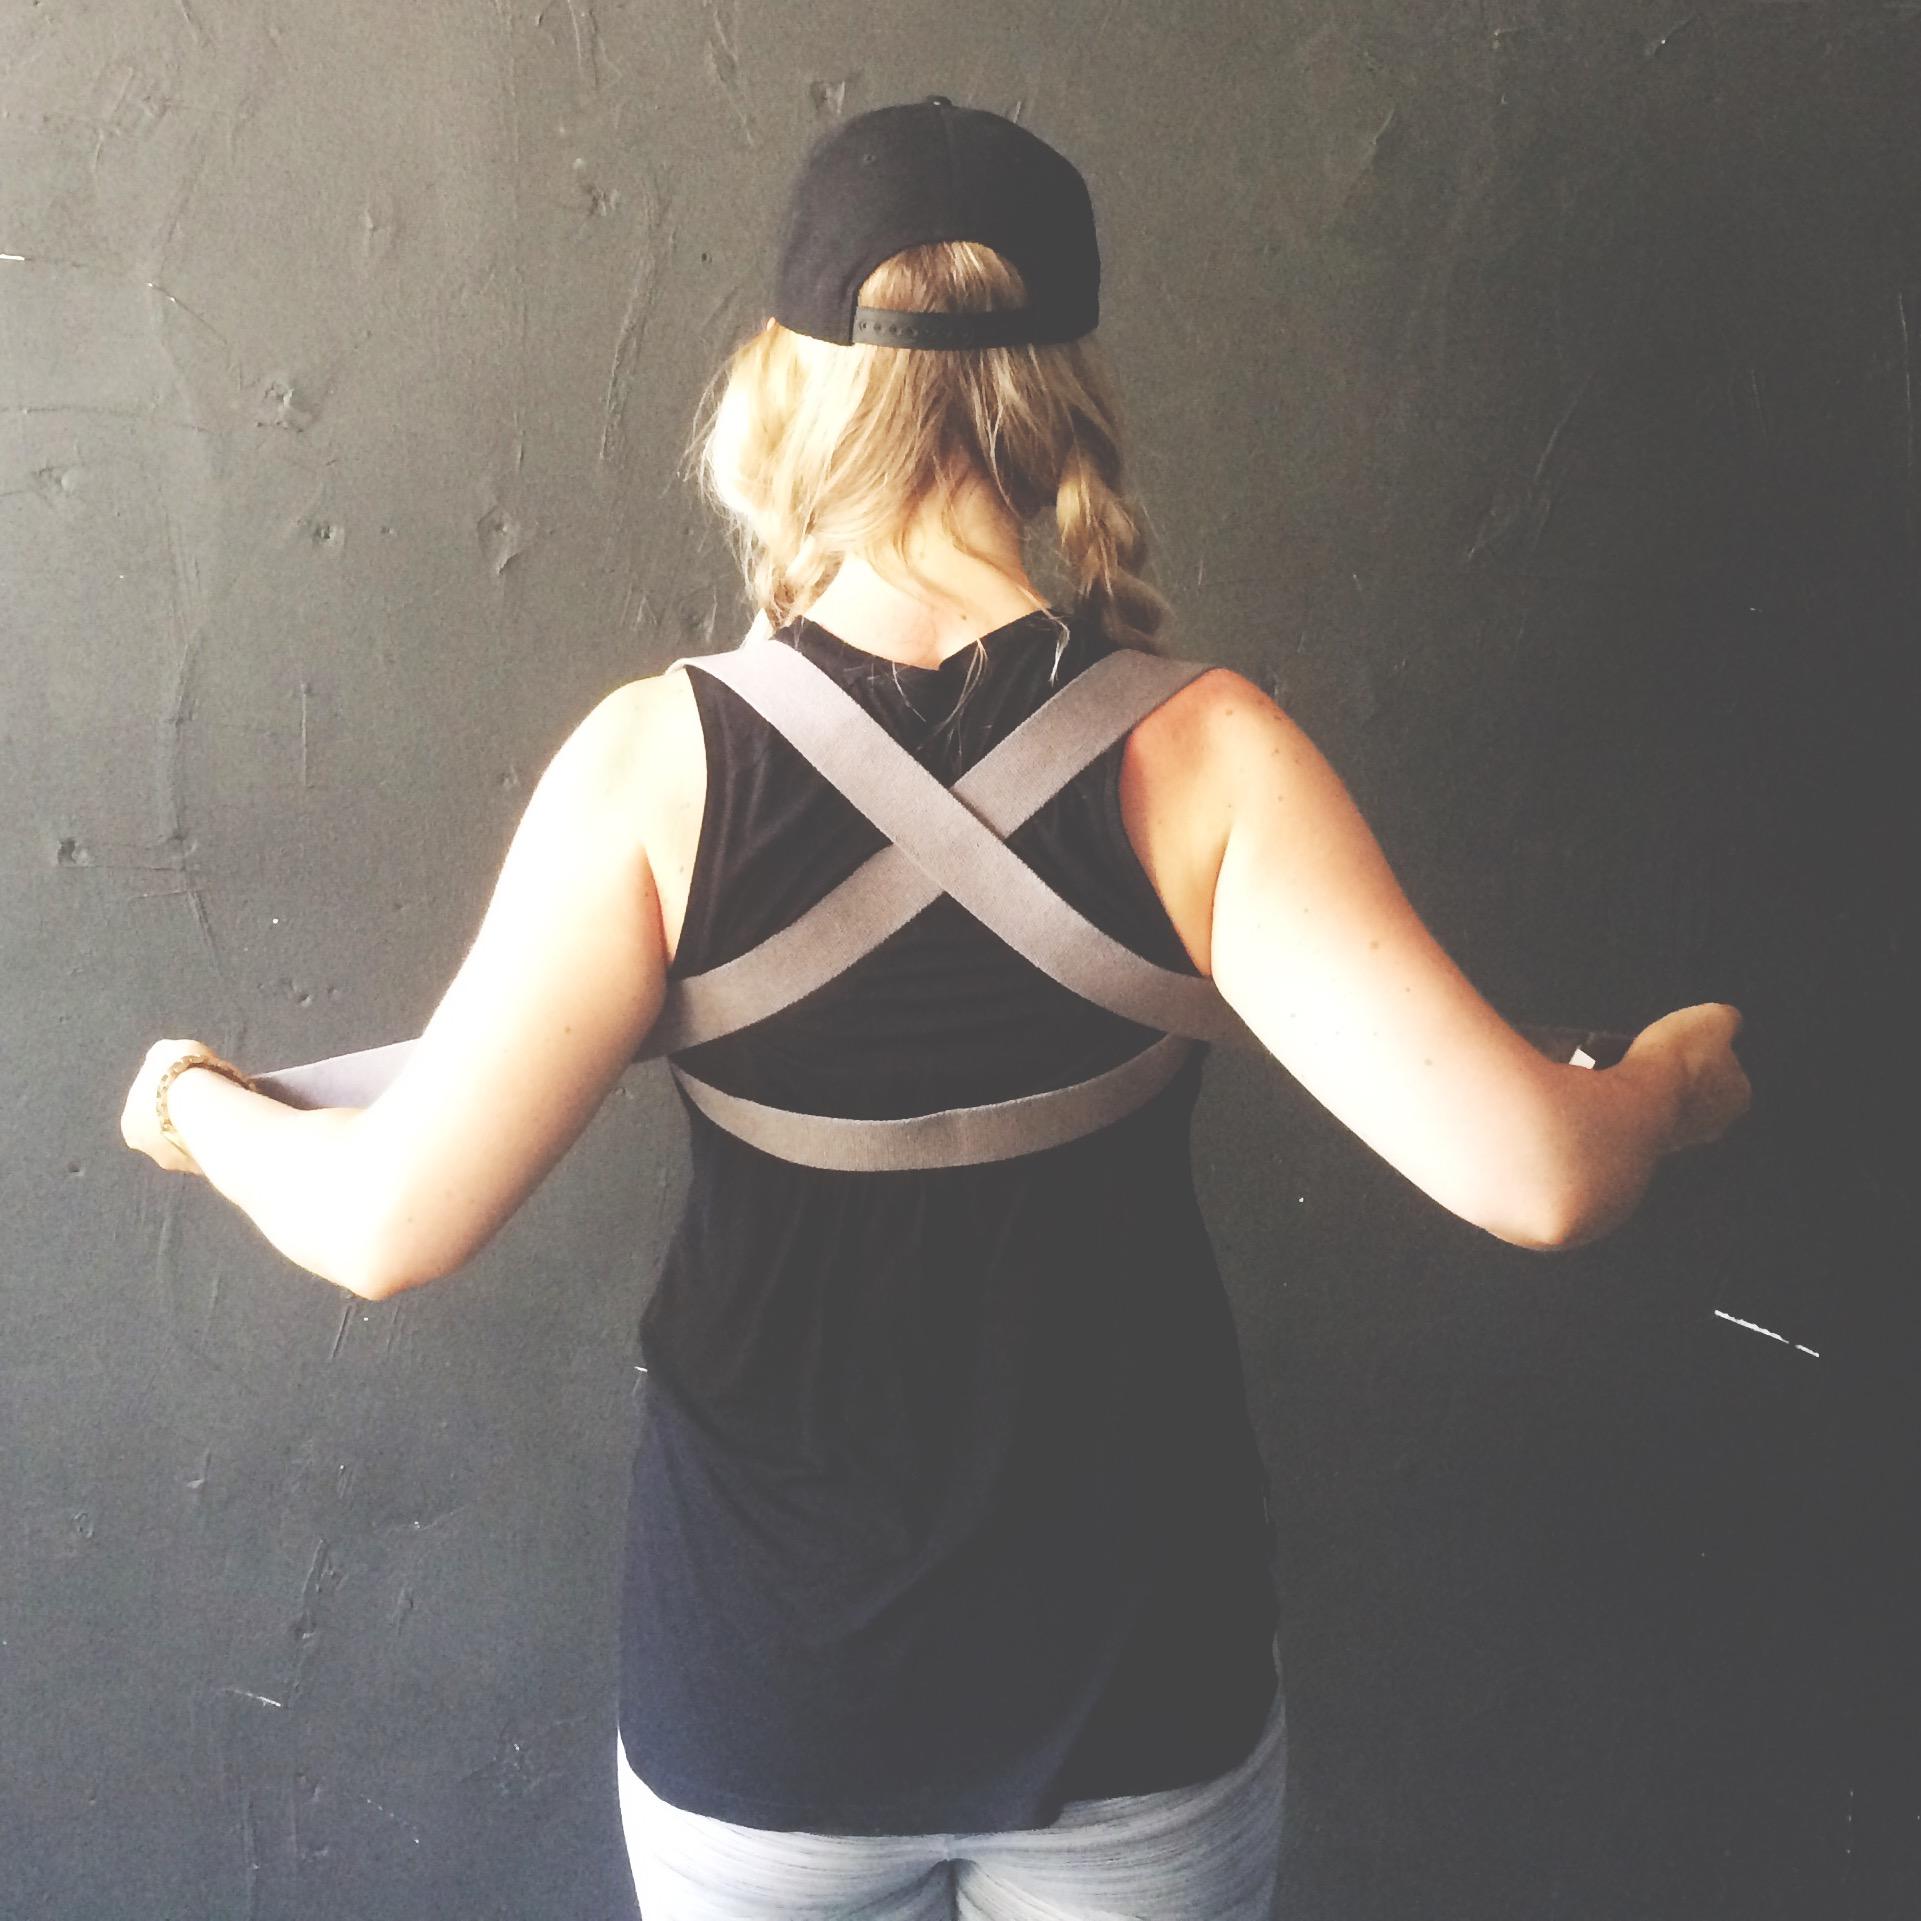 yoga strap tricks shoulder bind 4